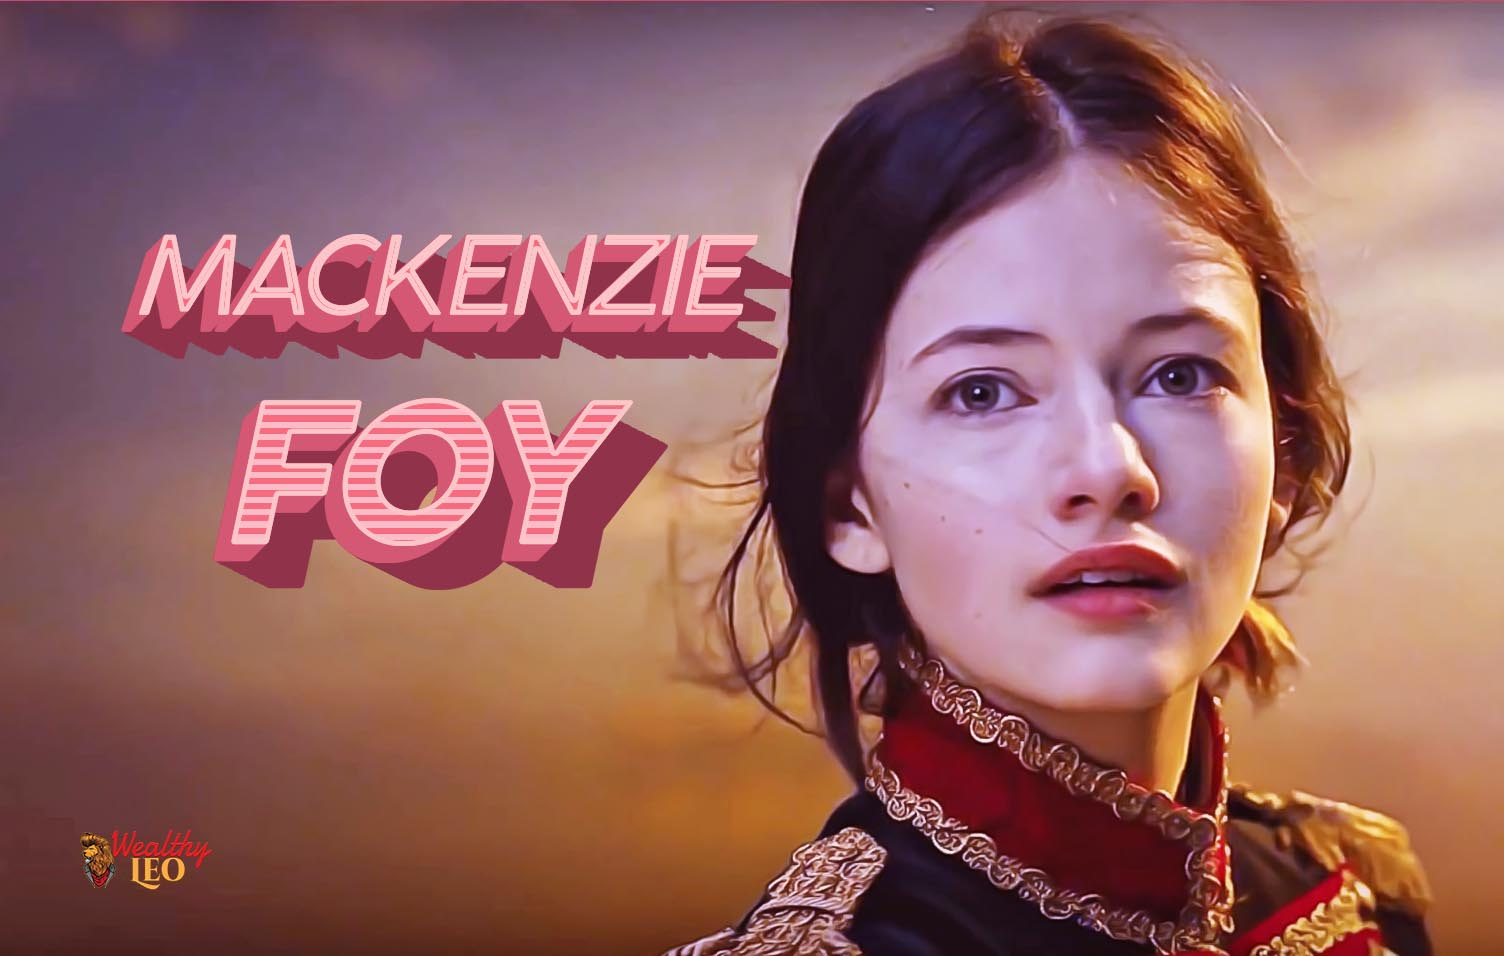 Mackenzie Foy Net Worth, Height, Age – Wealthy Leo